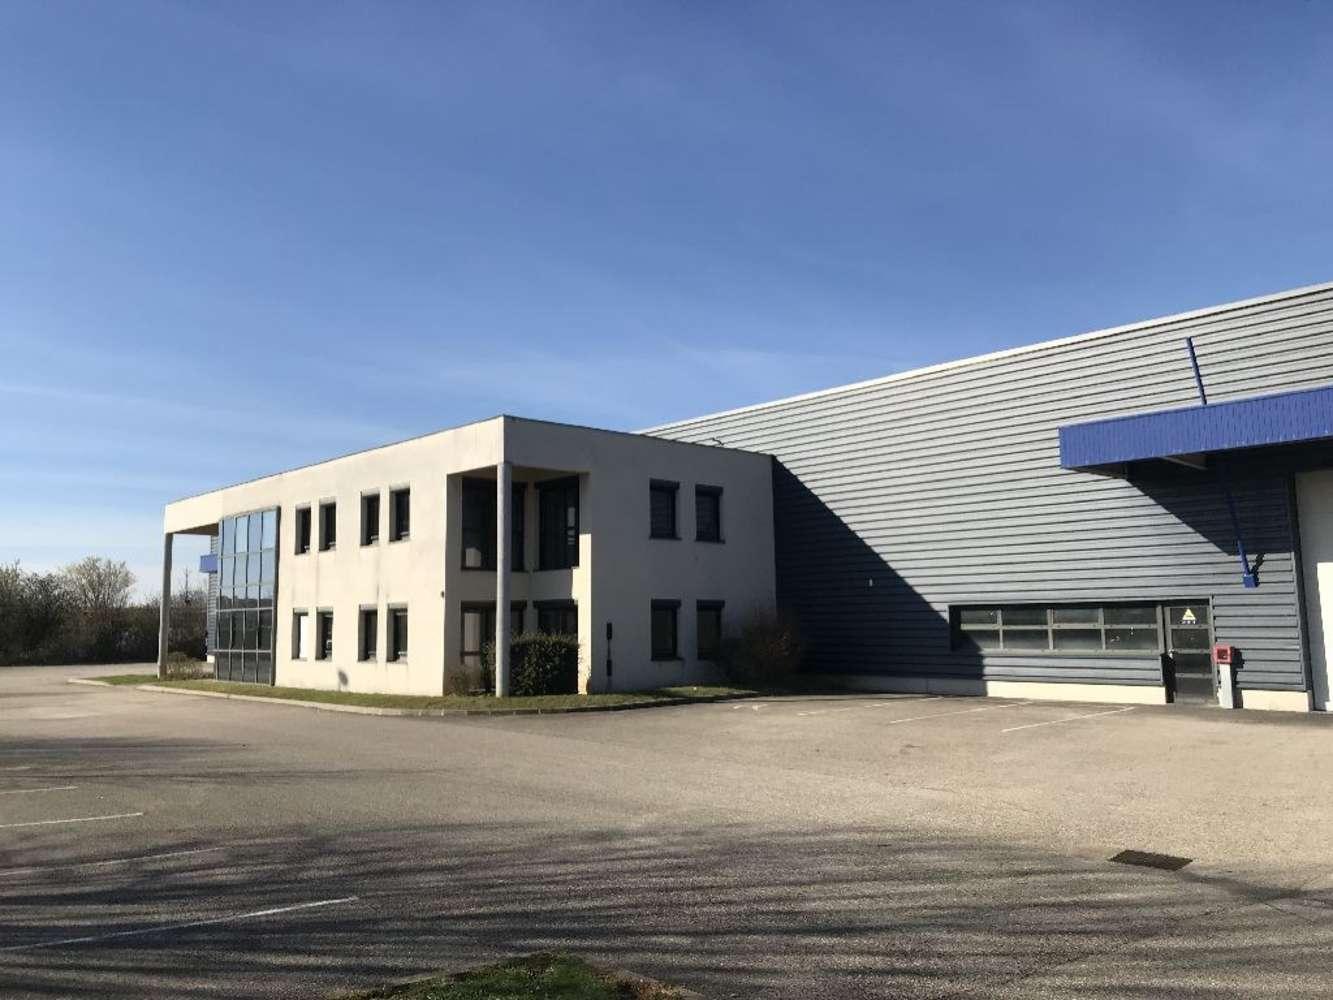 Activités/entrepôt Genas, 69740 - ENTREPOT À VENDRE LYON / GENAS - 10026833